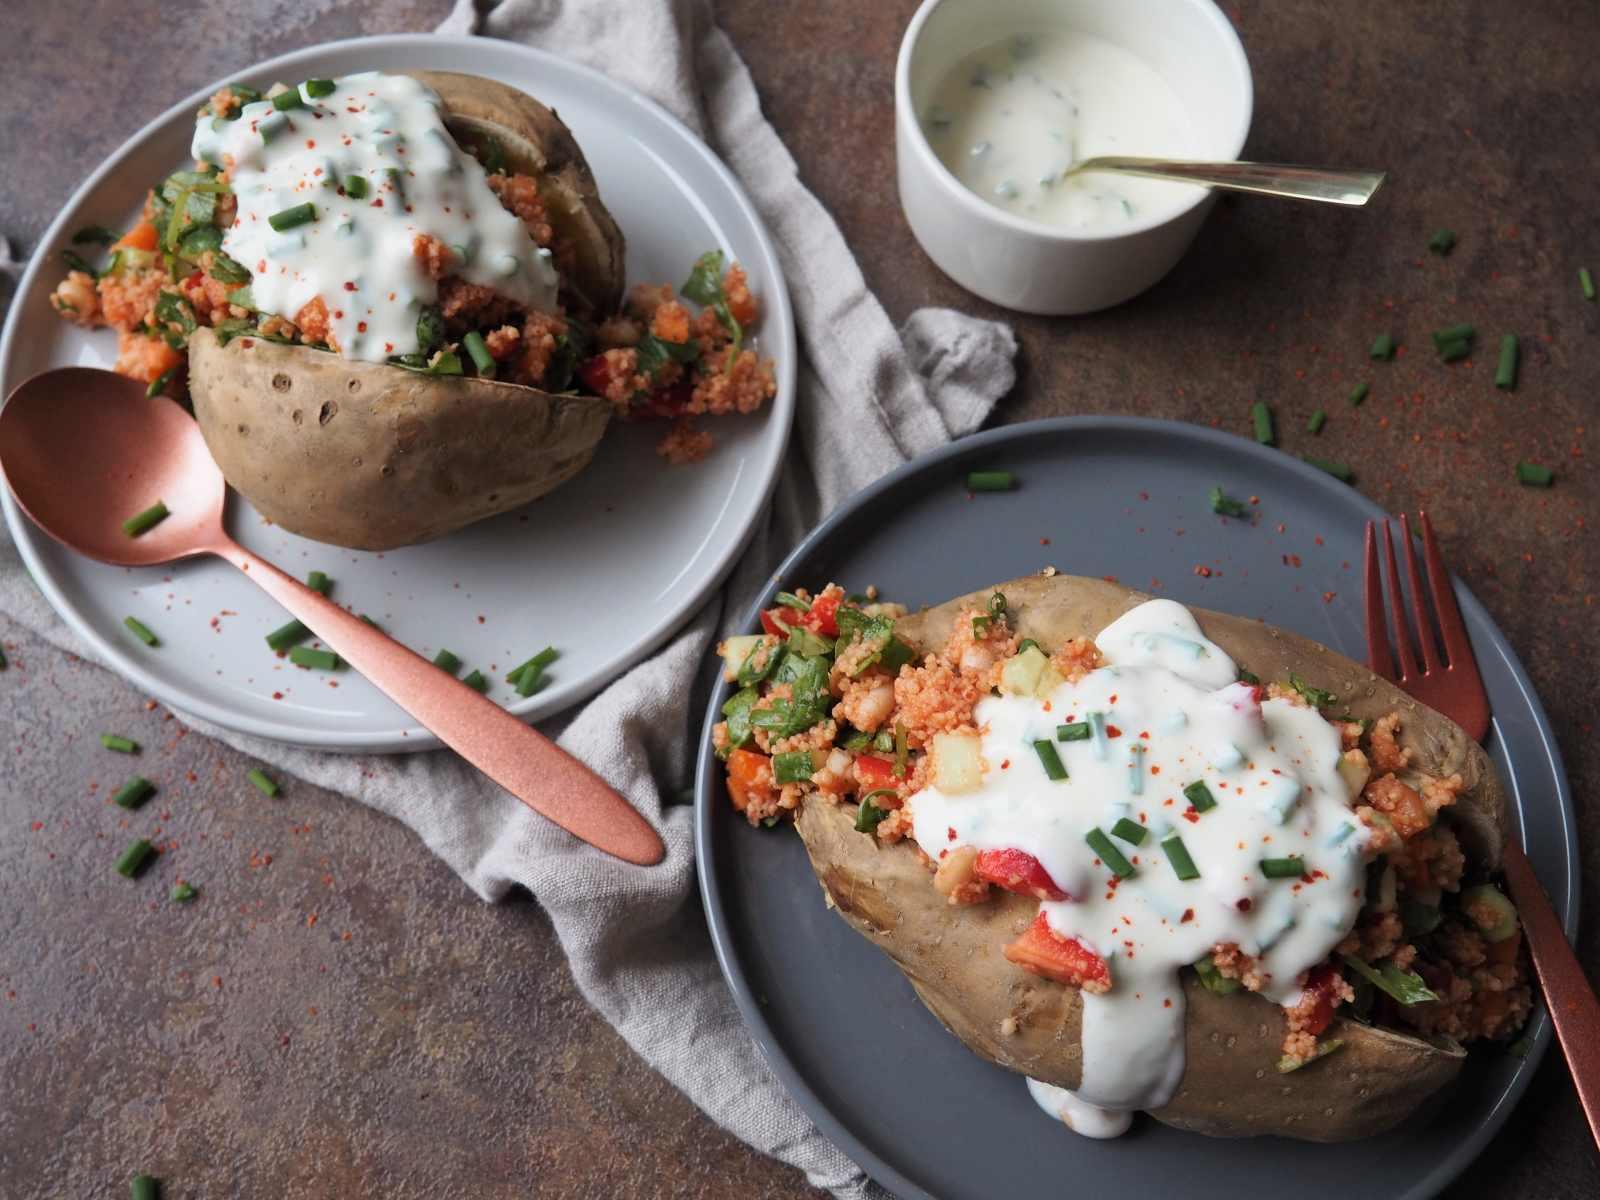 Vegane Kumpir mit Couscous-Salat und Dip angerichtet auf zwei Tellern